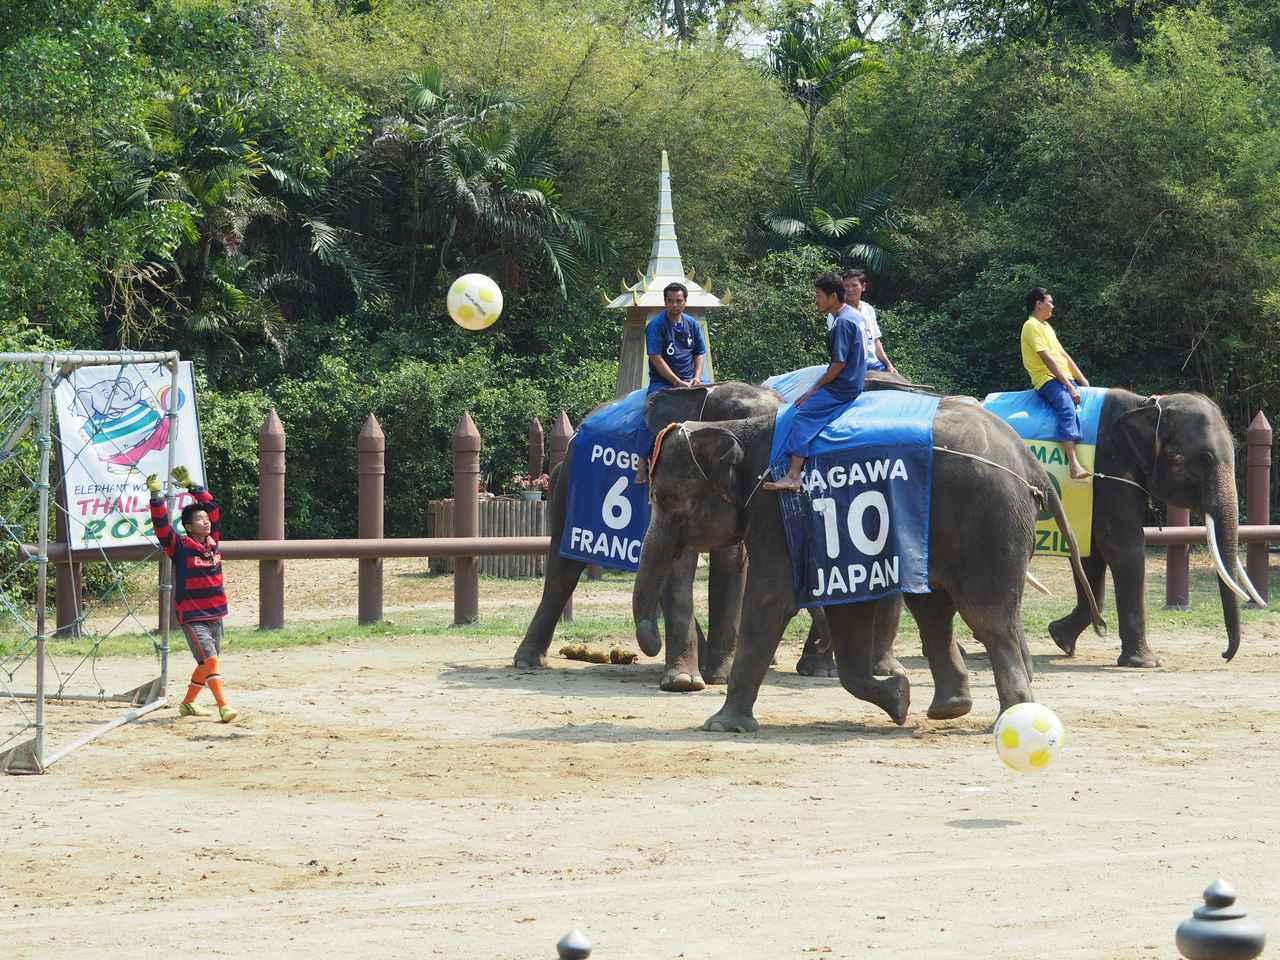 画像4: 10:30 「サンプラーン象園」で、象に乗ってジャングルを探検(所要時間2時間)